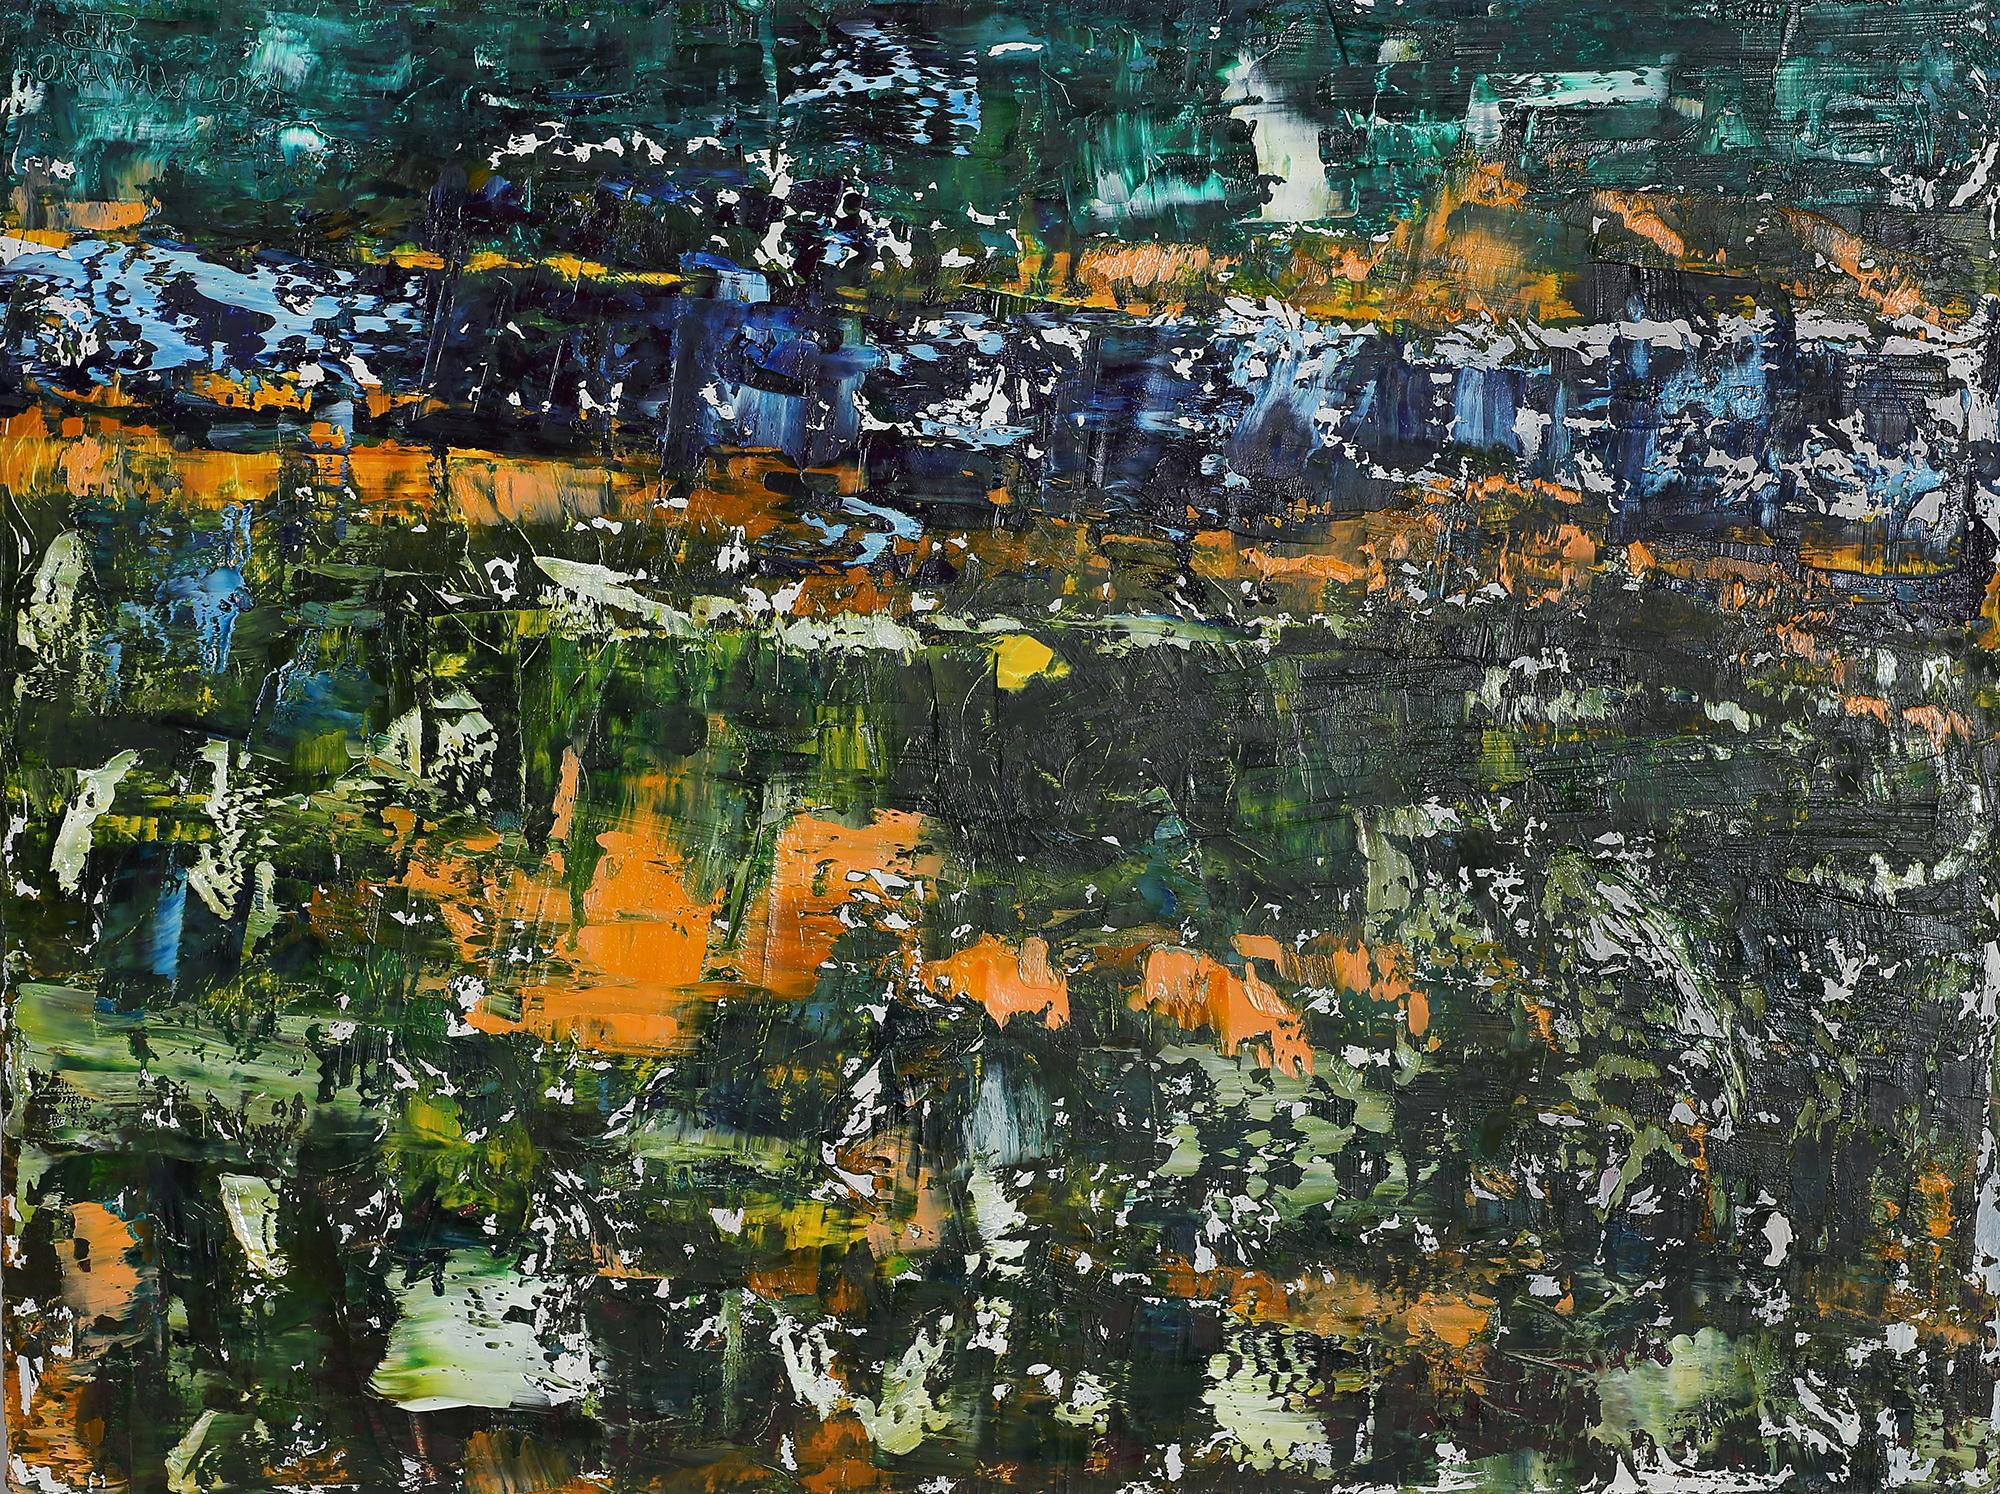 2020-I-15 Купить картину маслом Современное искусство Абстрактная картина маслом